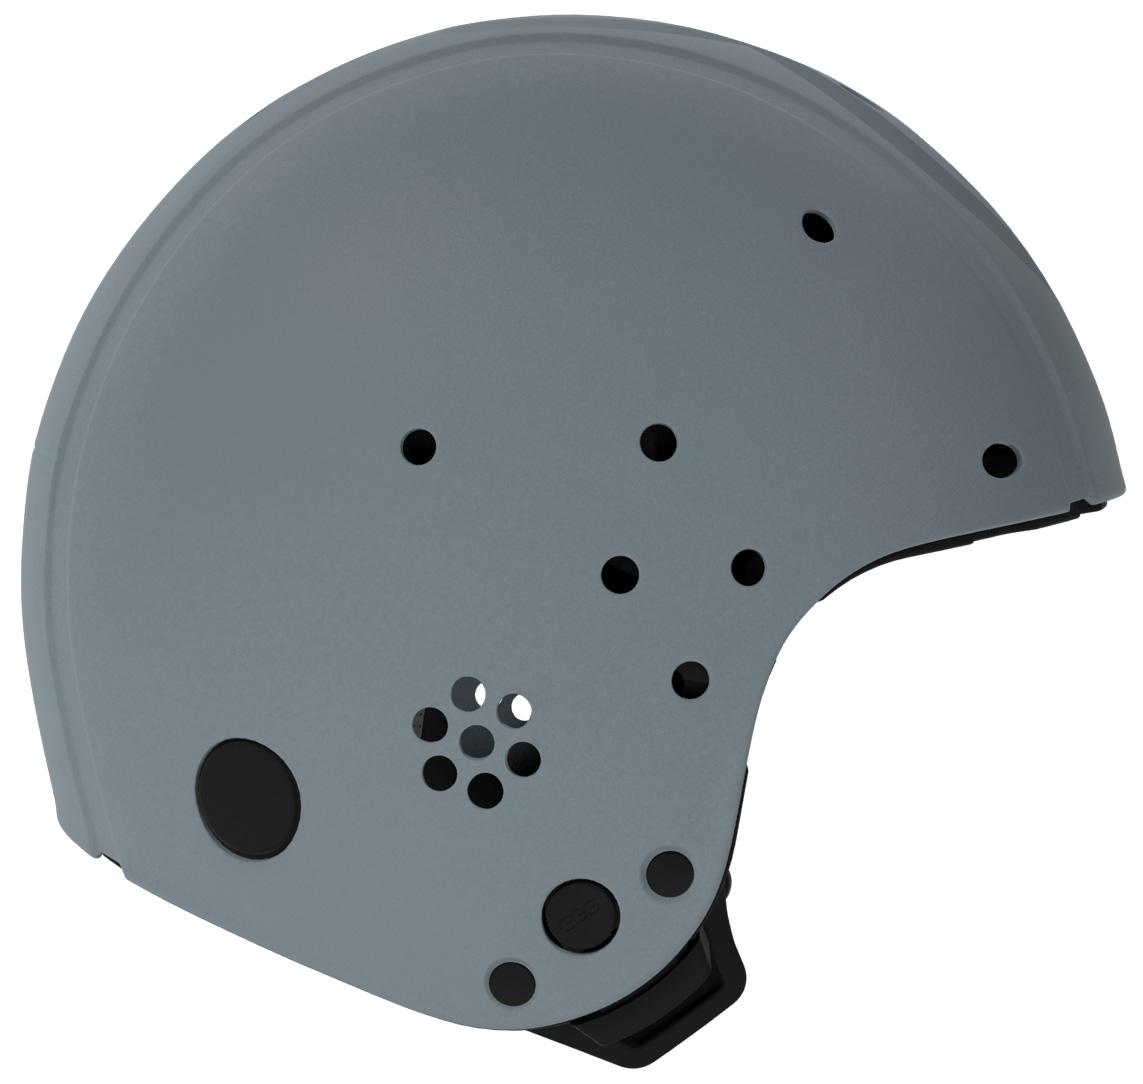 EGG Helmet Complete  - EGG